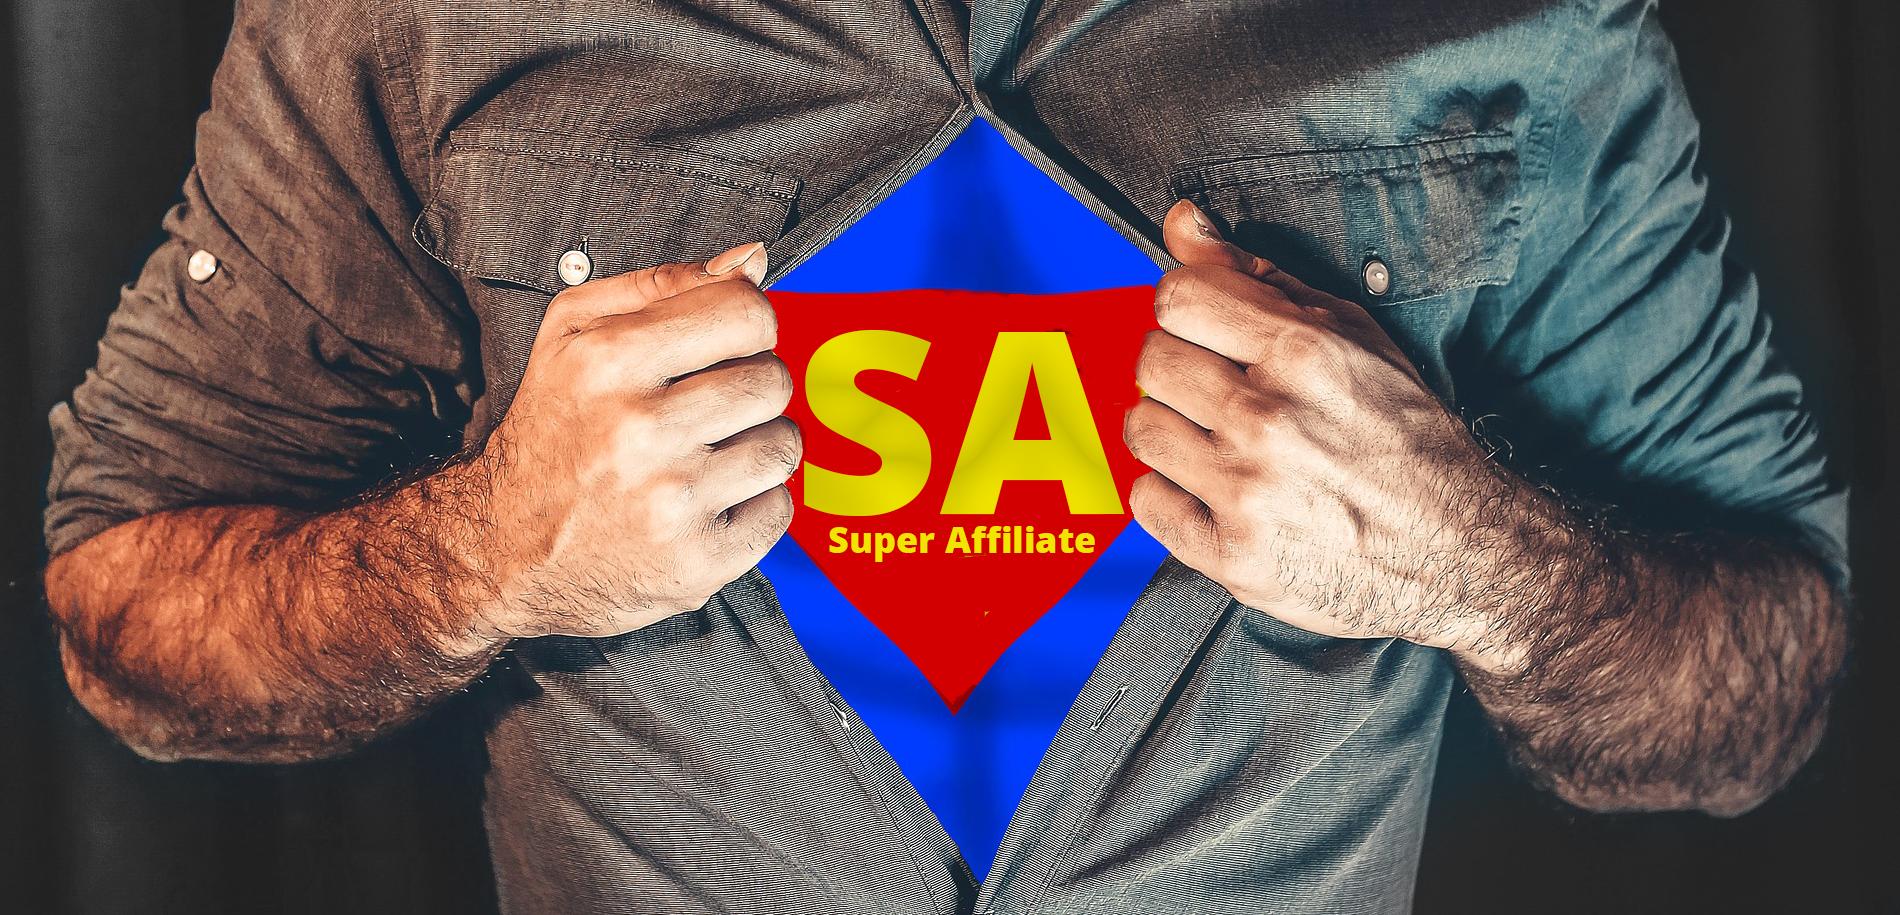 super-affiliates-crush-competition